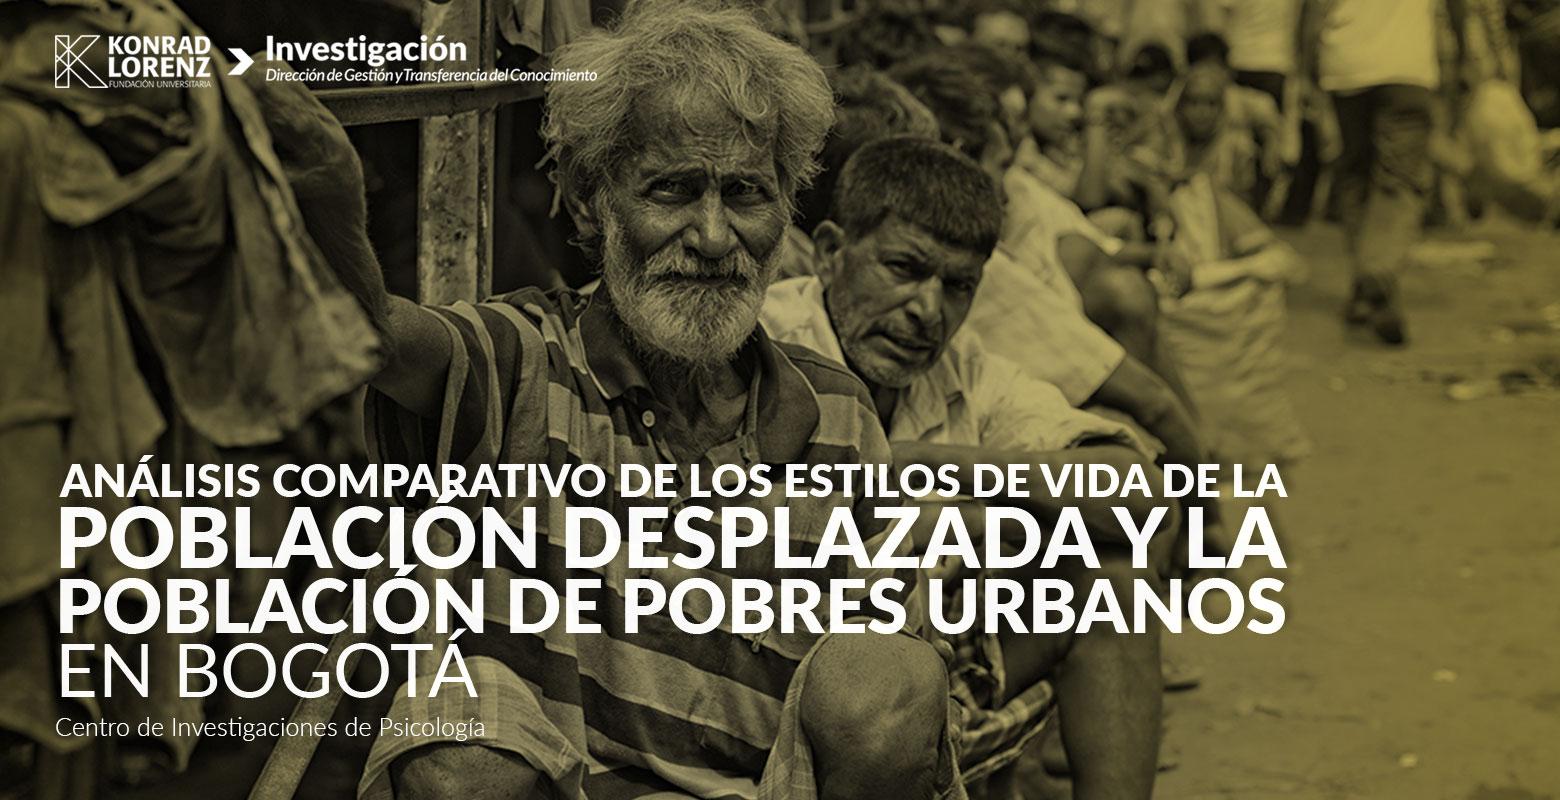 Análisis comparativo de los estilos de vida de la población desplazada y la población de pobres urbanos en Bogotá